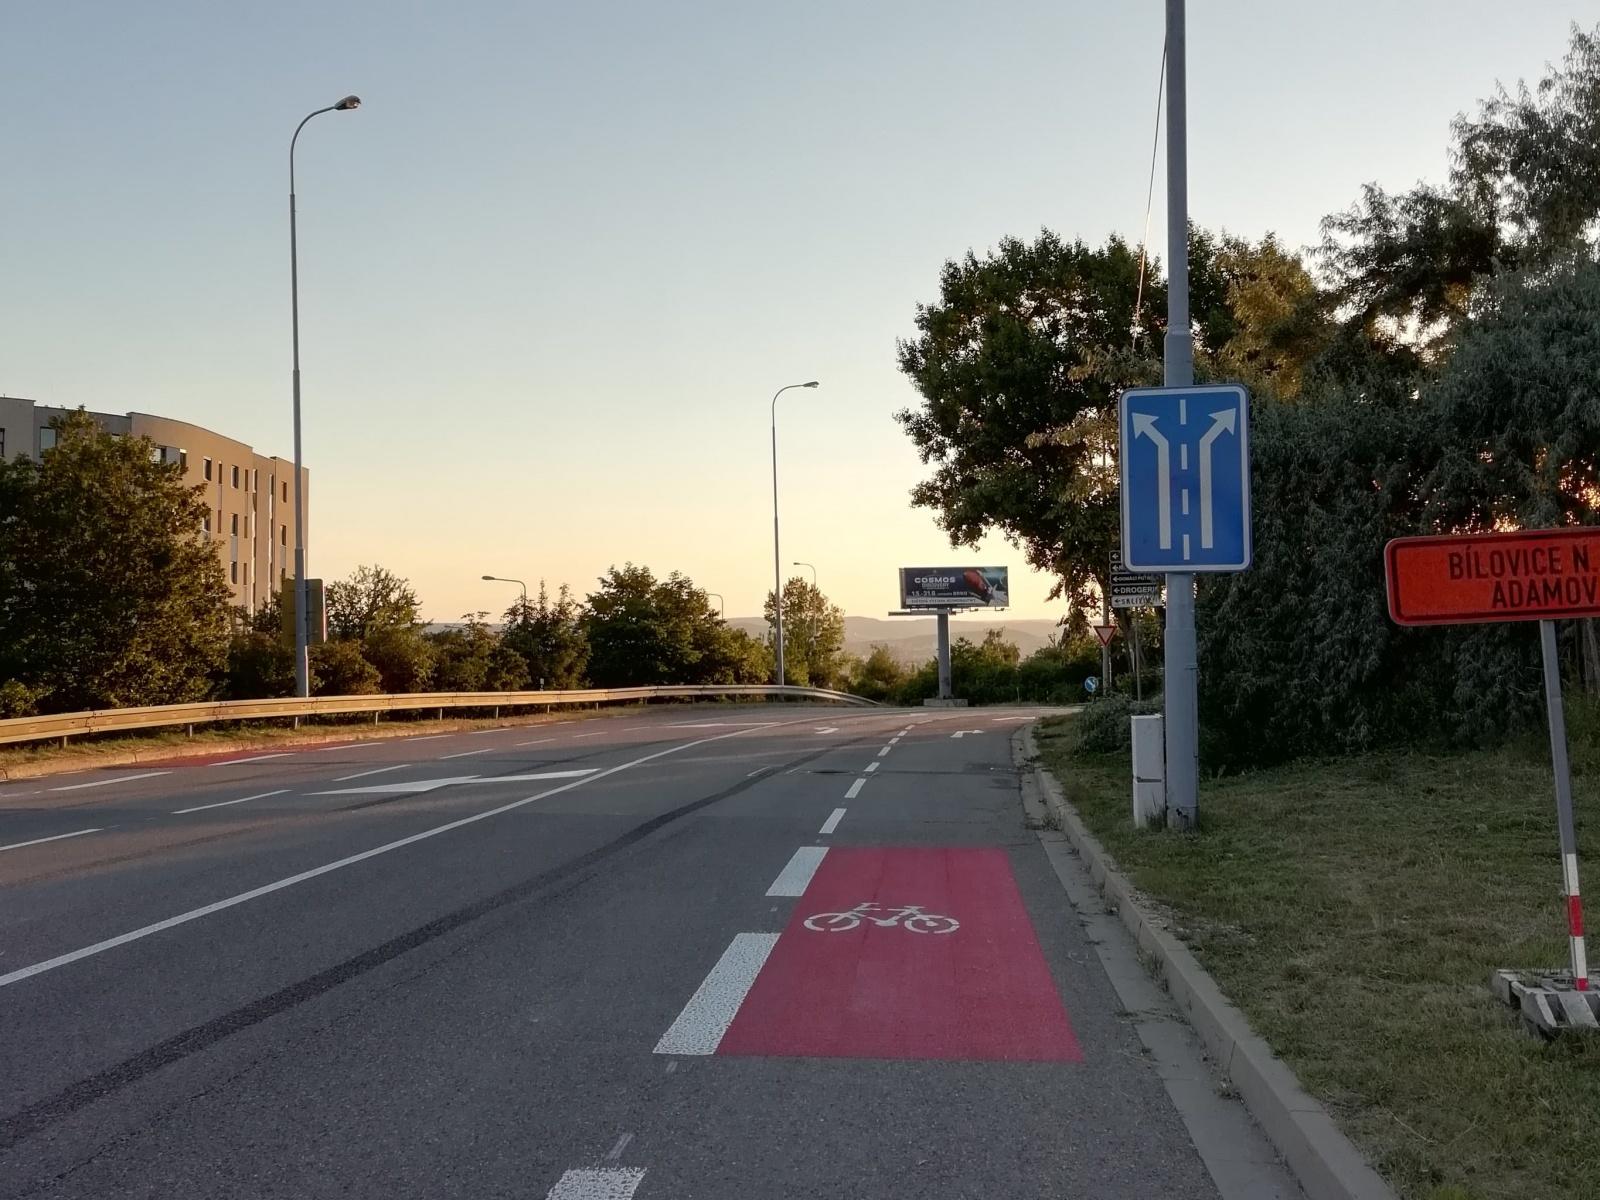 Změny ulic k červnu 2018